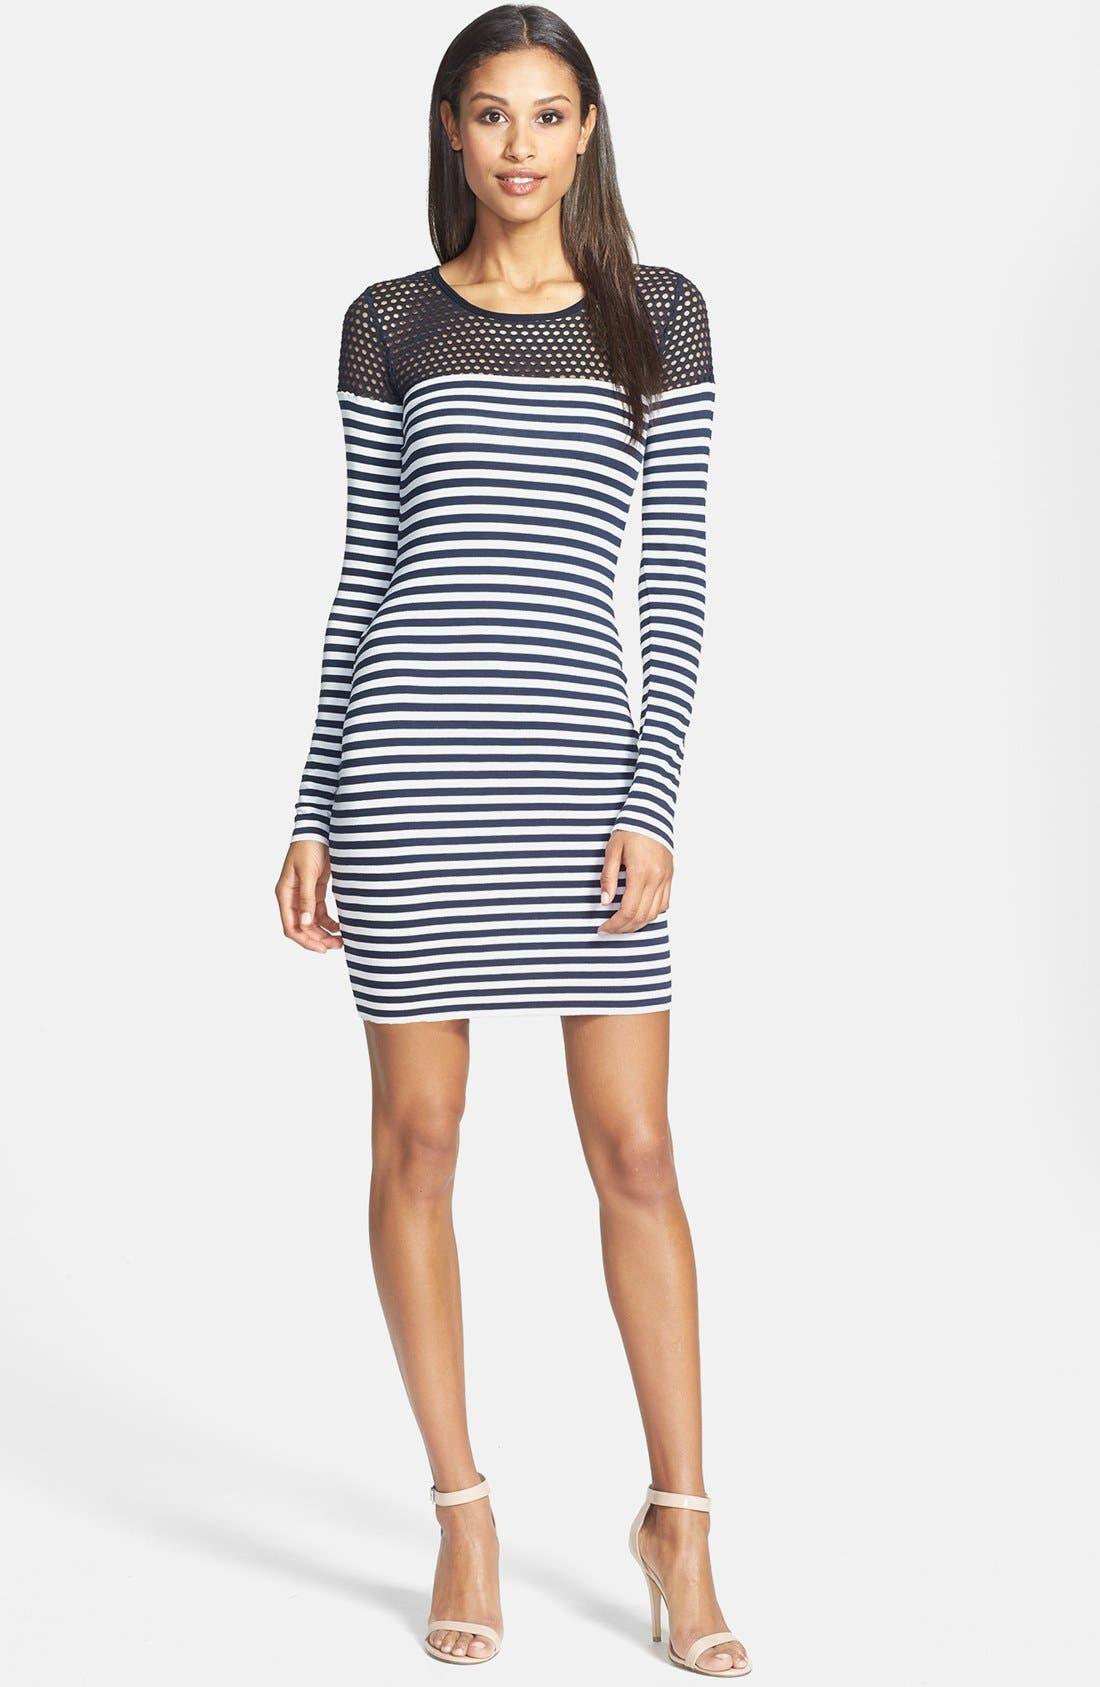 Alternate Image 1 Selected - B44 Dressed by Bailey 44 'Open Net' Stripe Jersey Dress